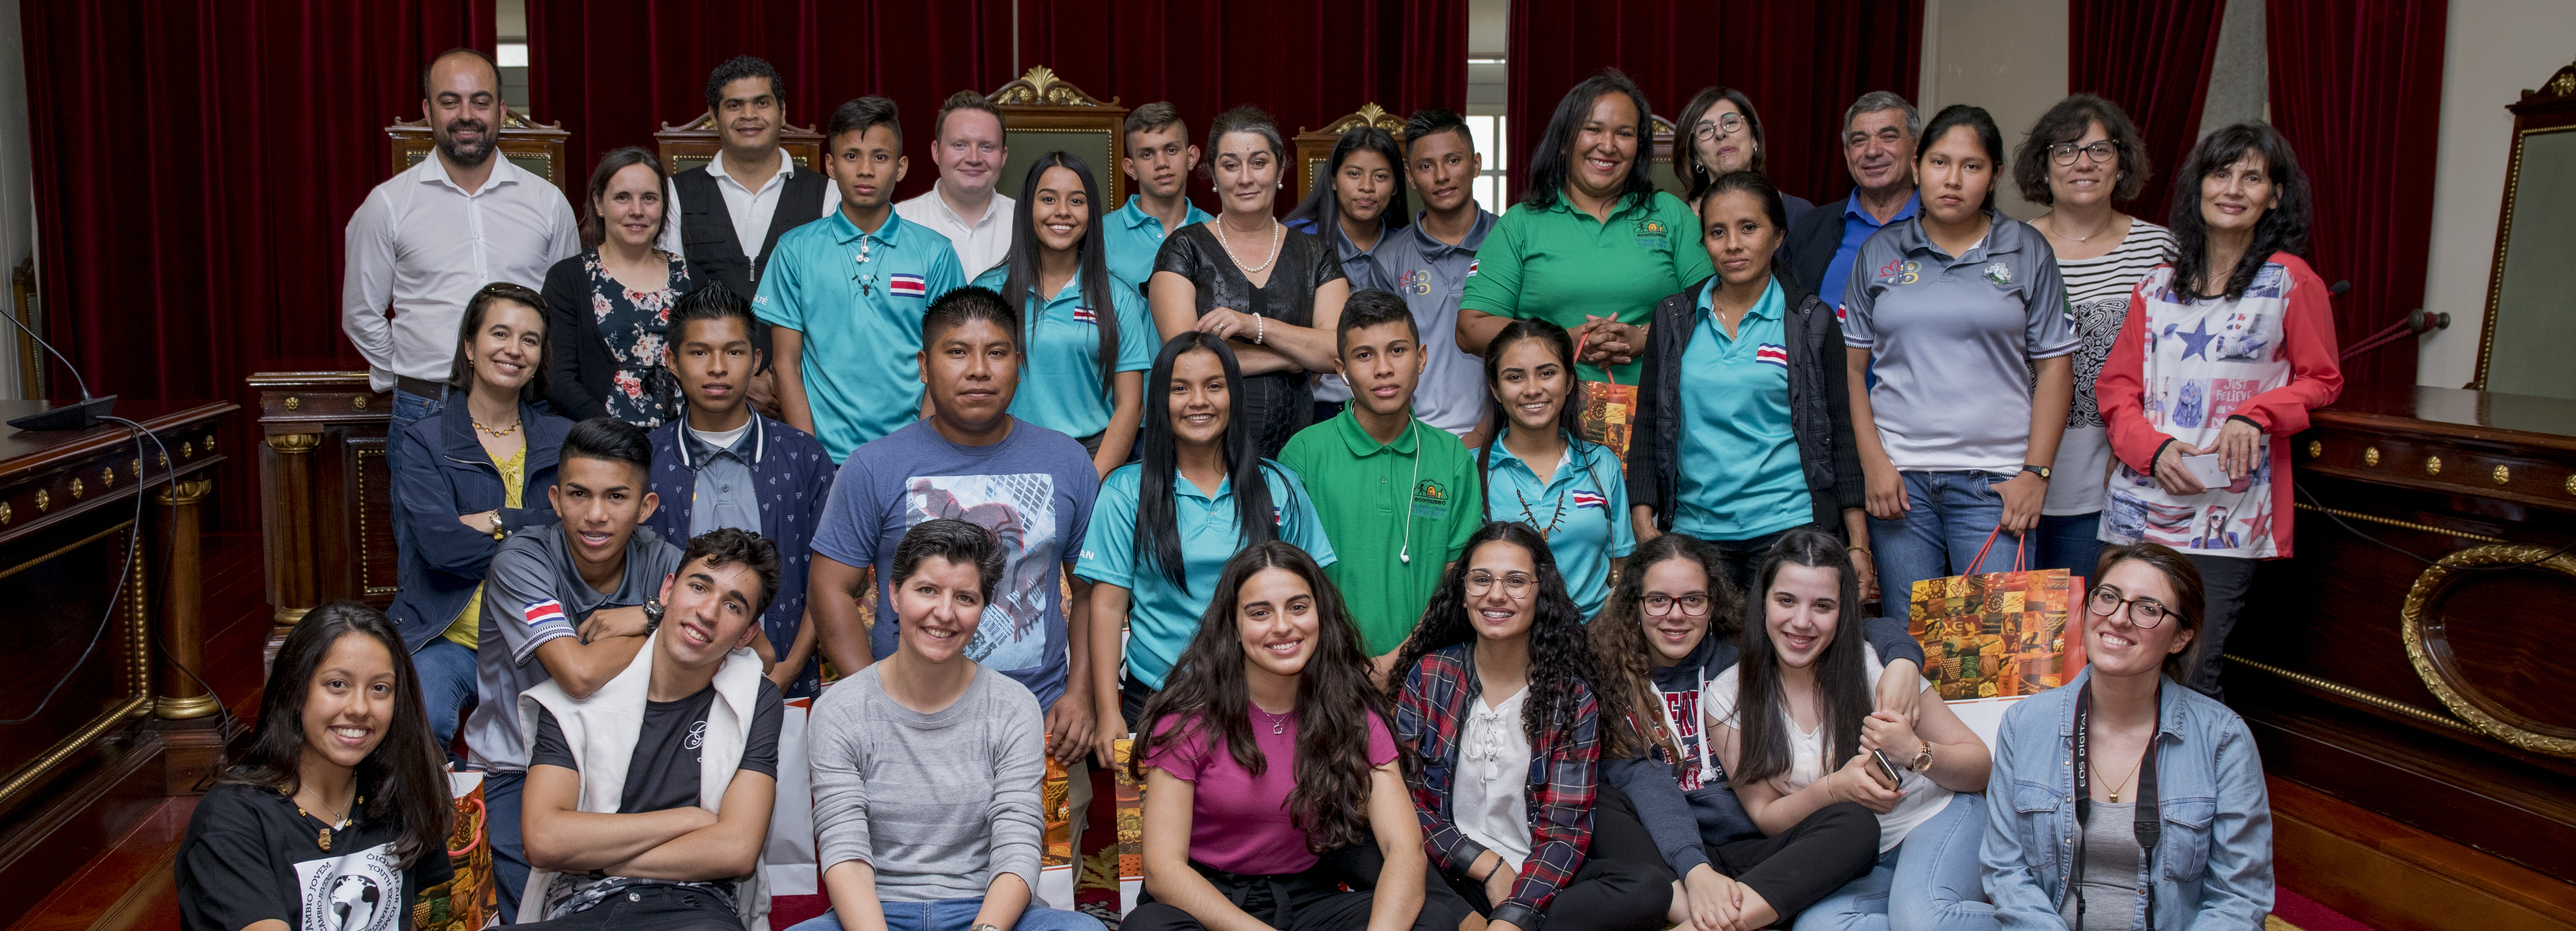 Jovens da Costa Rica em digressão em Portugal